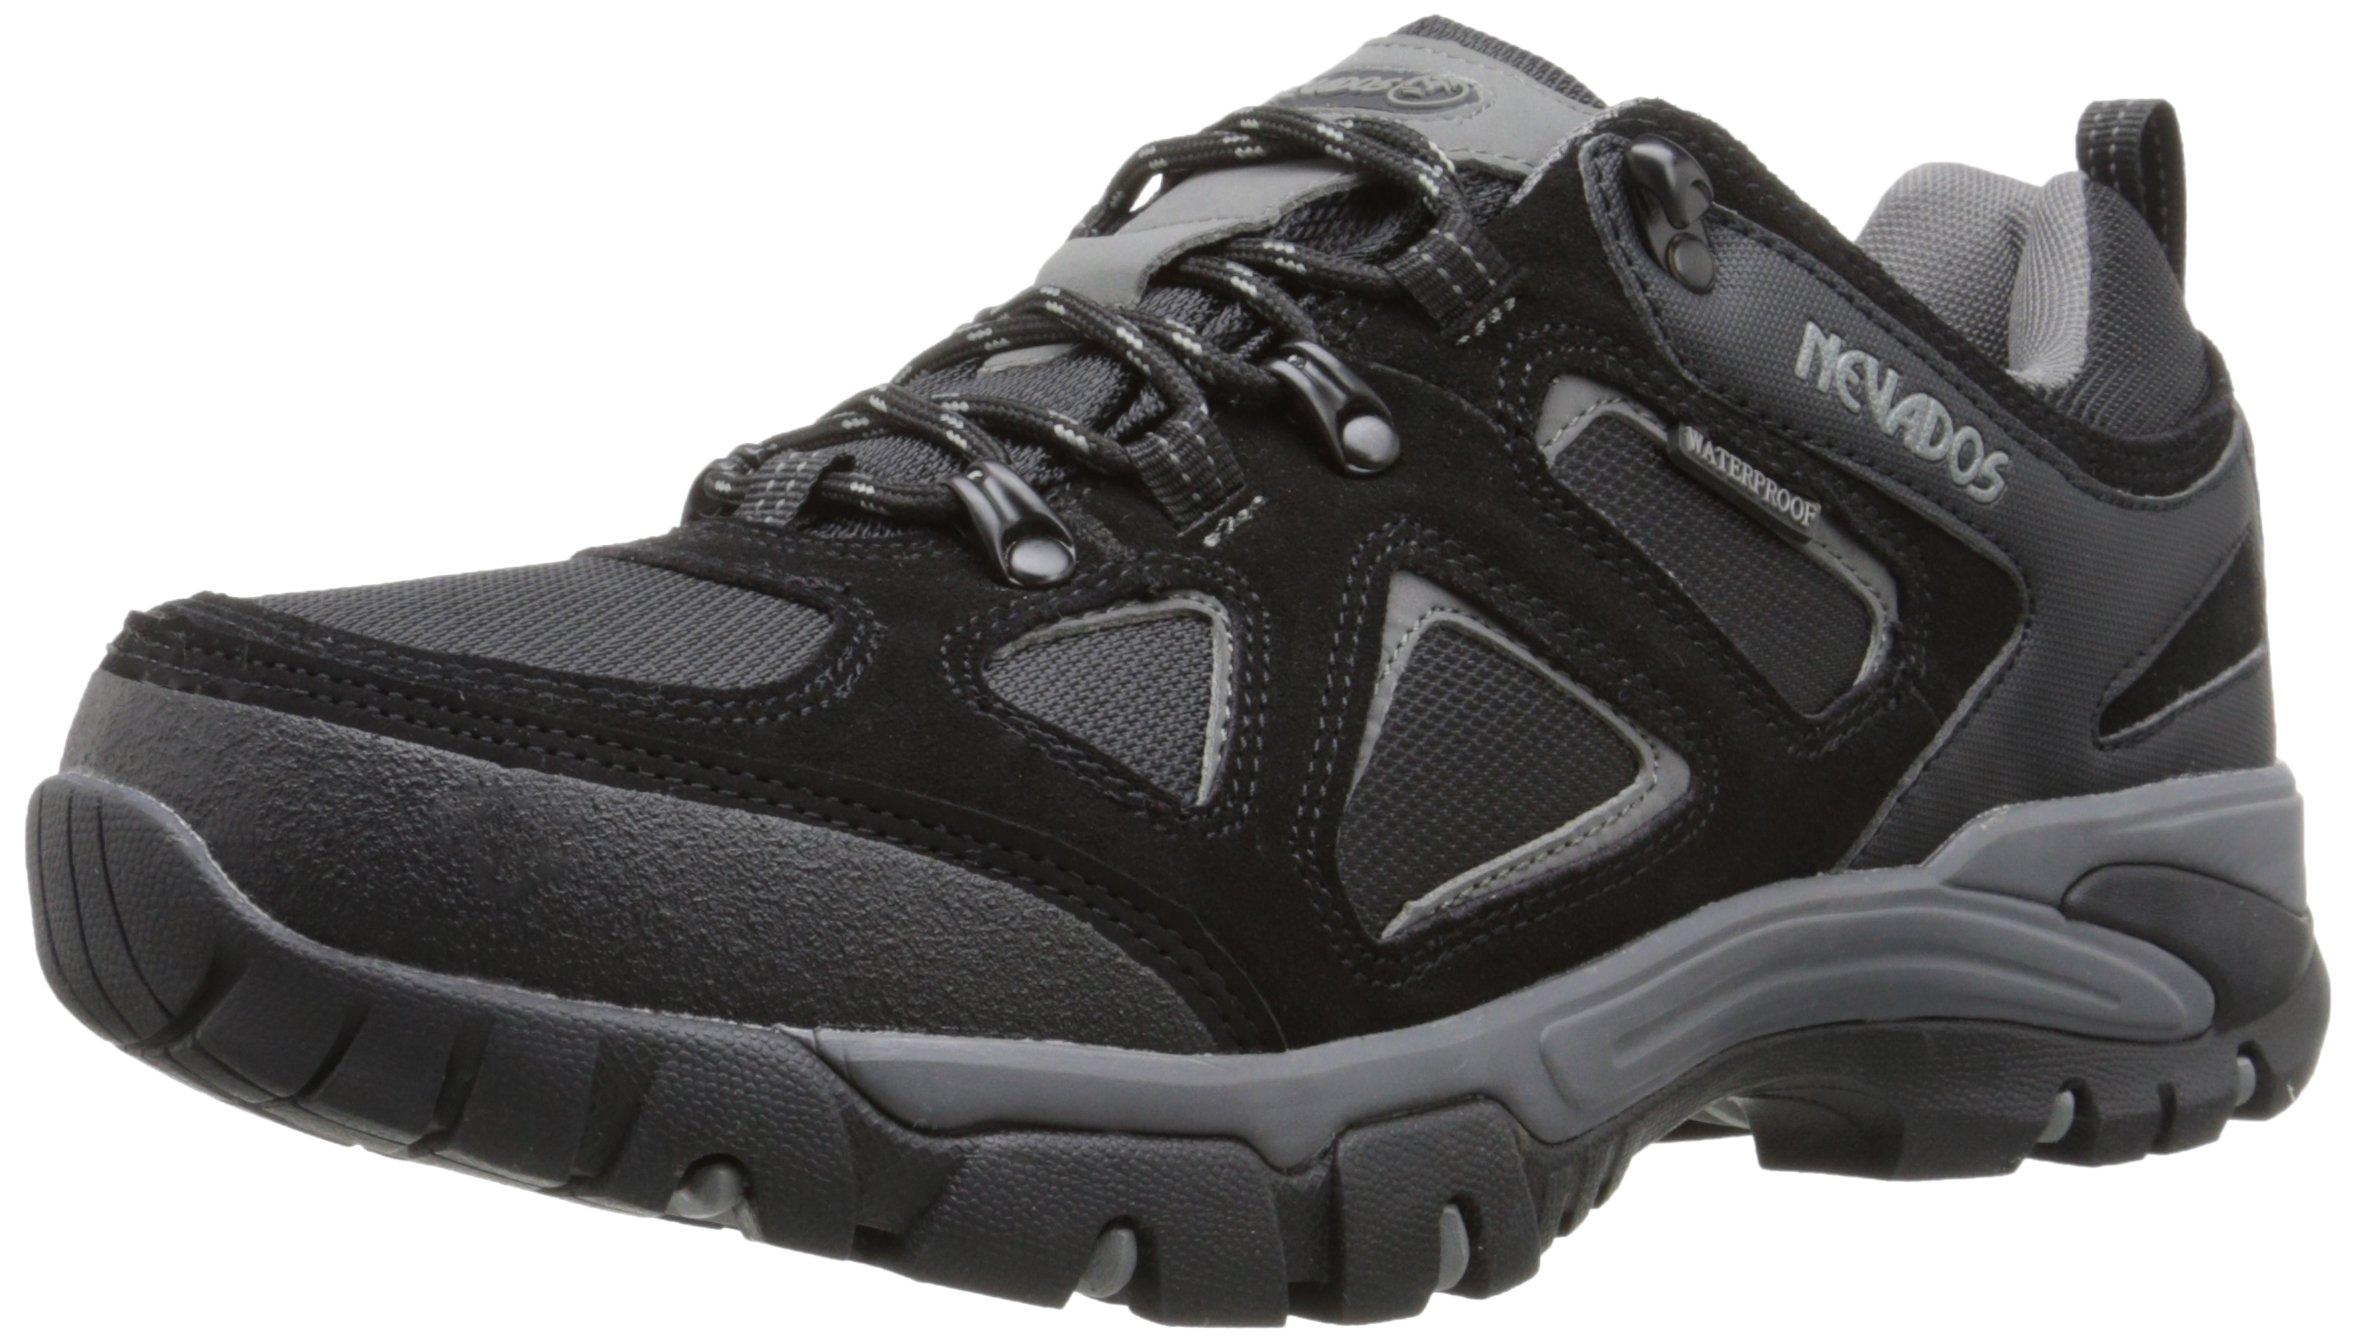 Nevados Men's Spire Low Waterproof Hiking Shoe, Black/Grey, 9 M US